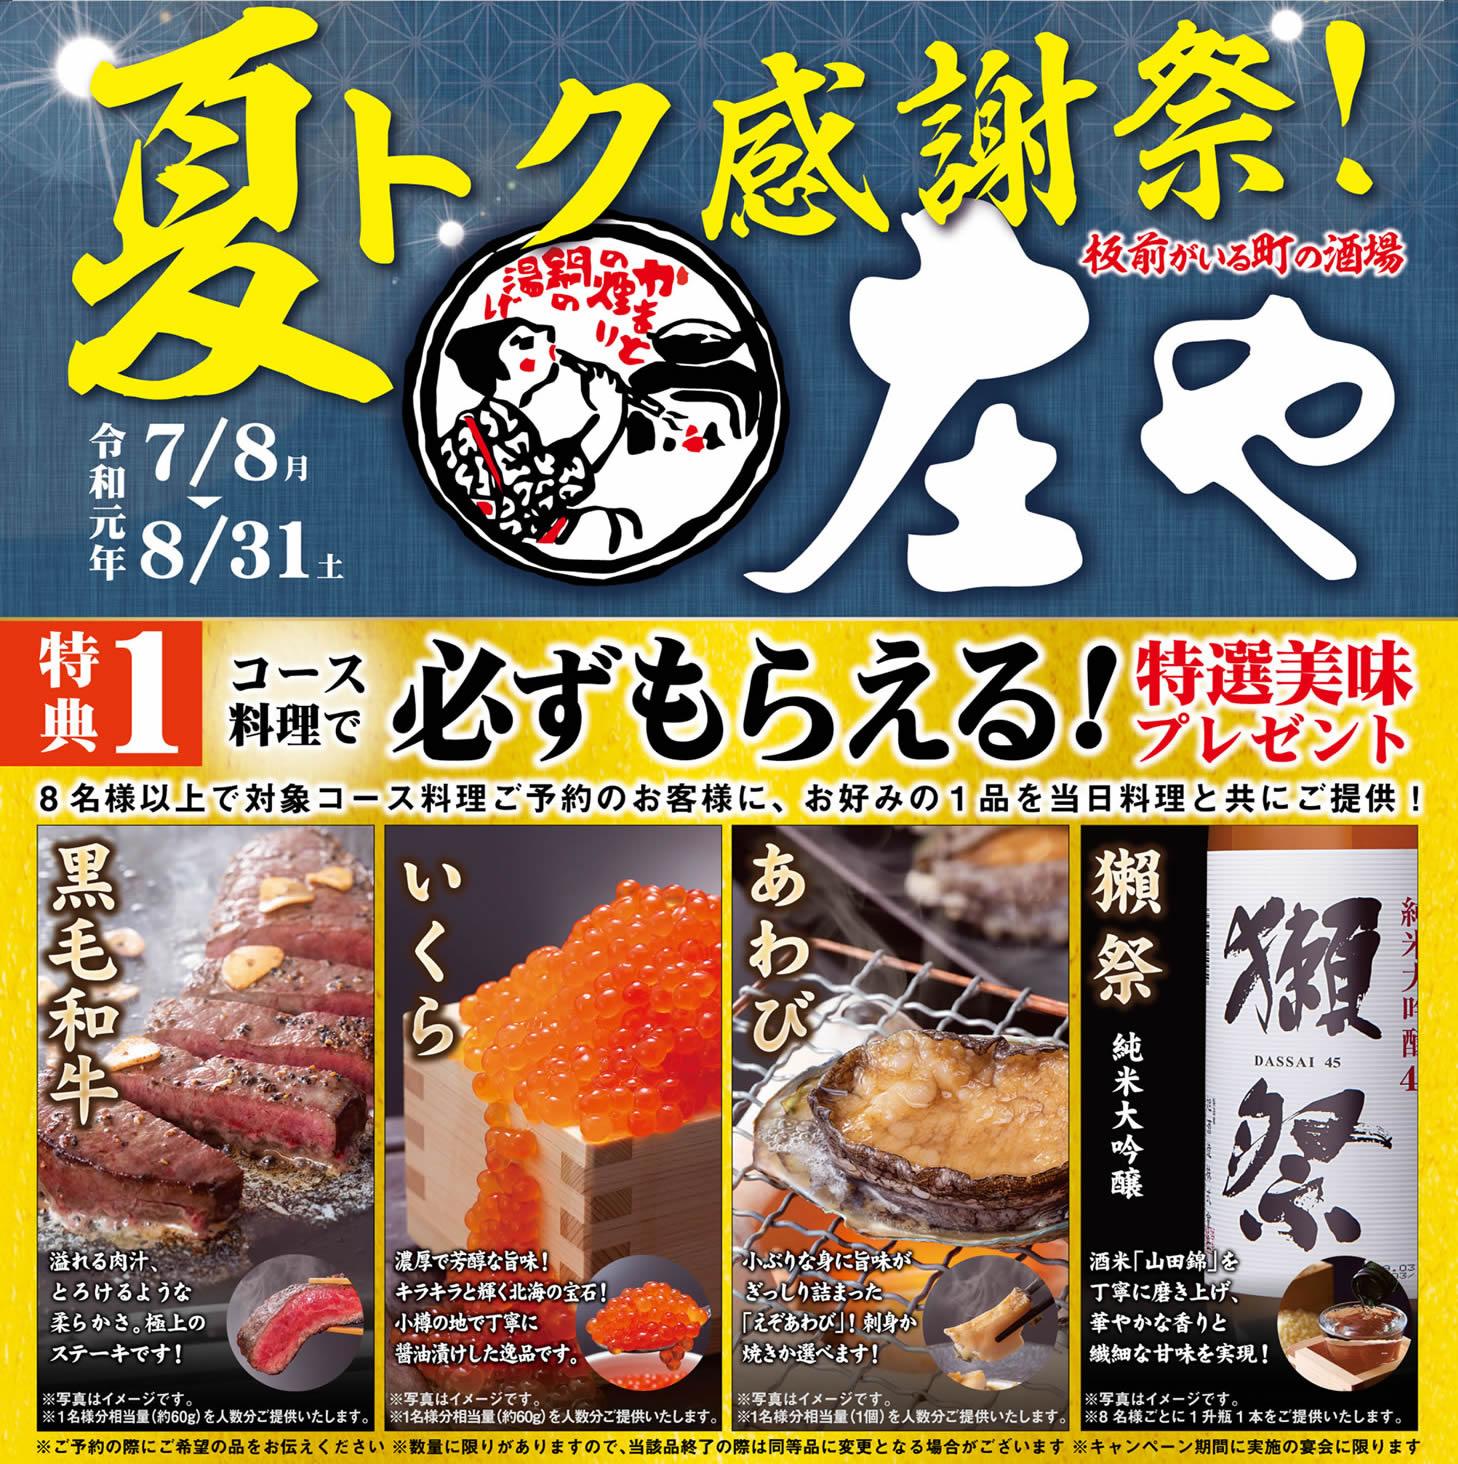 【庄や 帯広店】夏トク感謝祭!対象コース料理で必ずもらえる特選美味プレゼント!